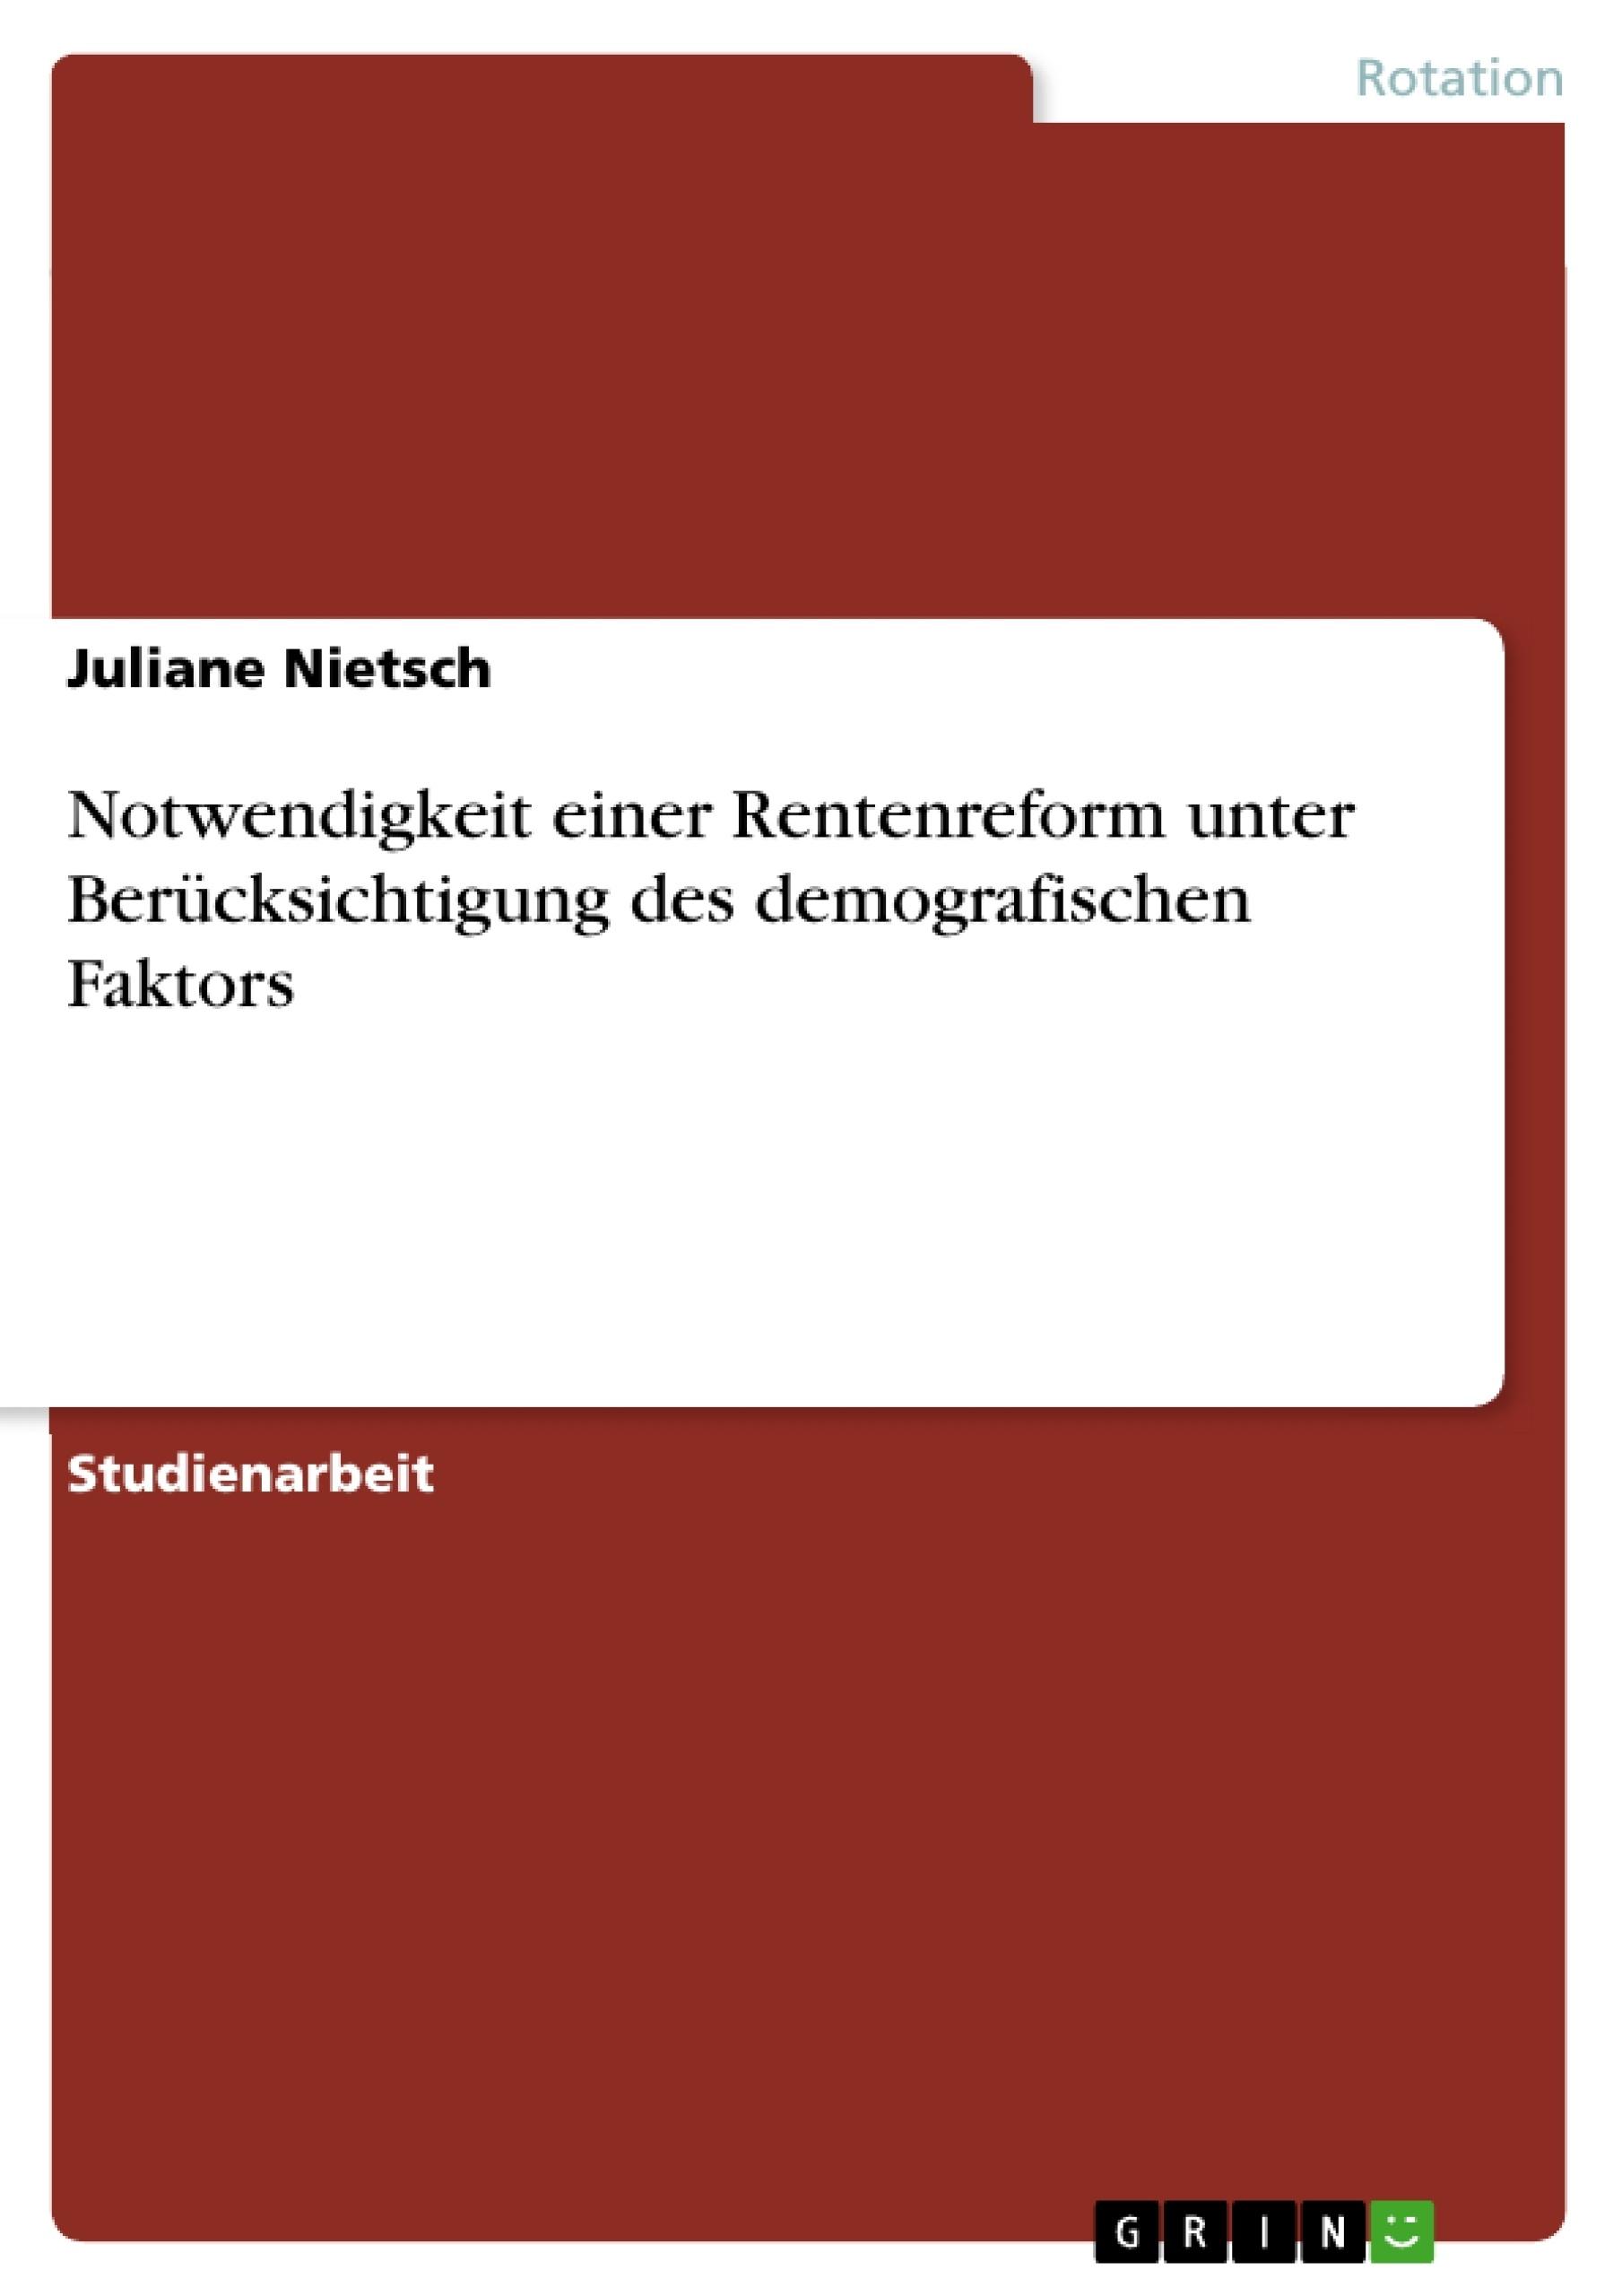 Titel: Notwendigkeit einer Rentenreform unter Berücksichtigung des demografischen Faktors